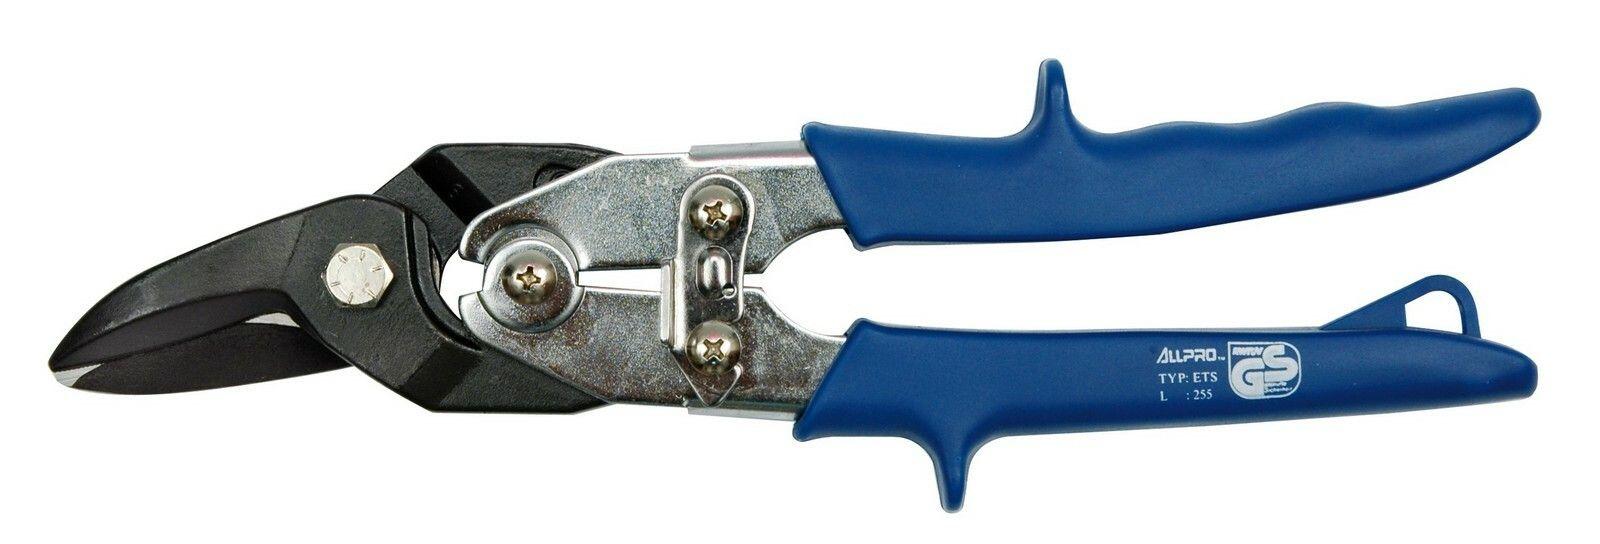 Nůžky na plech 255 mm pravé CrMo TOYA